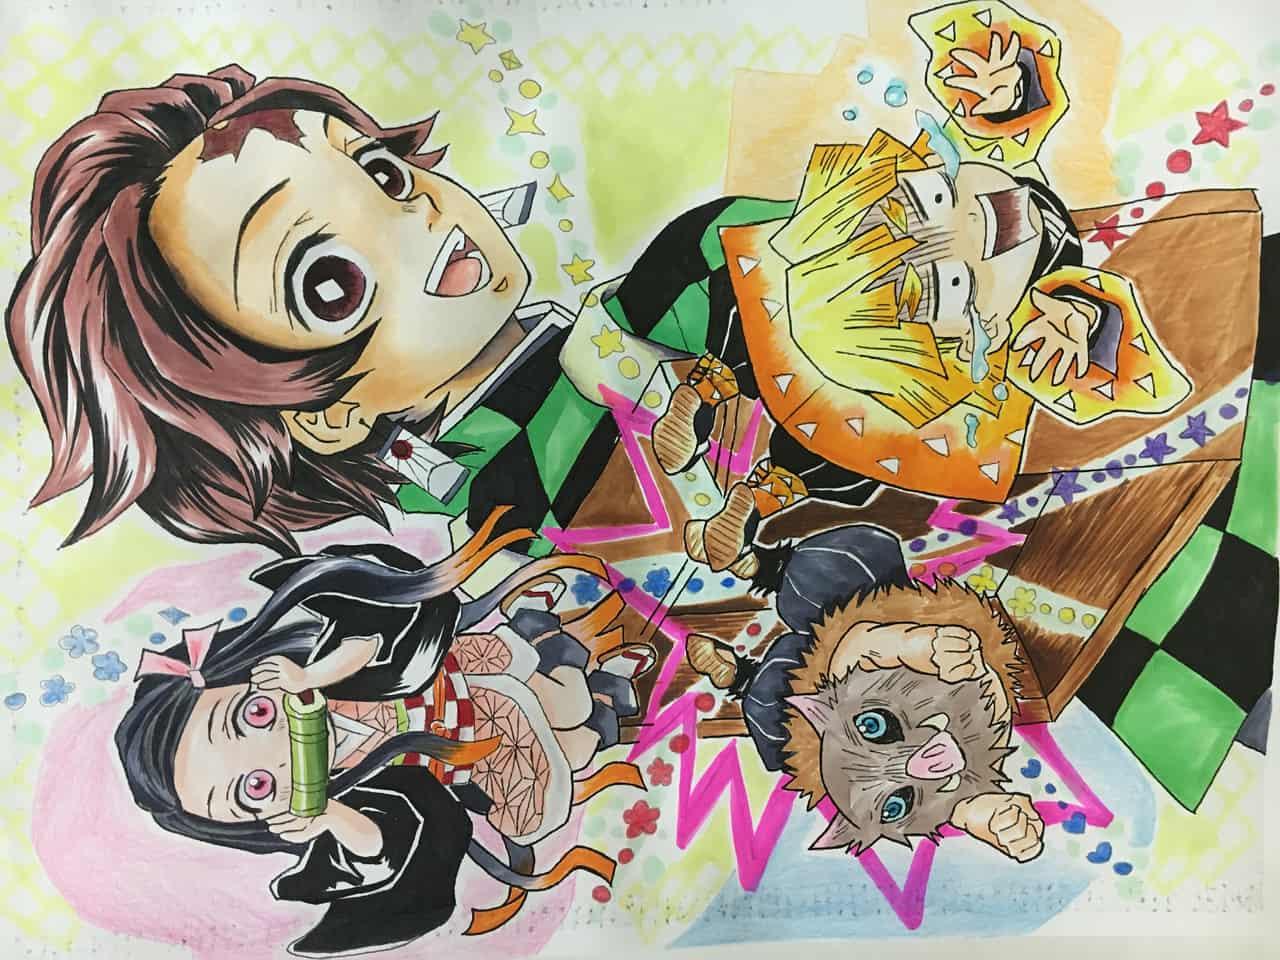 箱からかまぼこ隊 Illust of さー子 DemonSlayerFanartContest AgatsumaZenitsu Copic かまぼこ隊 KamadoNezuko KimetsunoYaiba HashibiraInosuke KamadoTanjirou